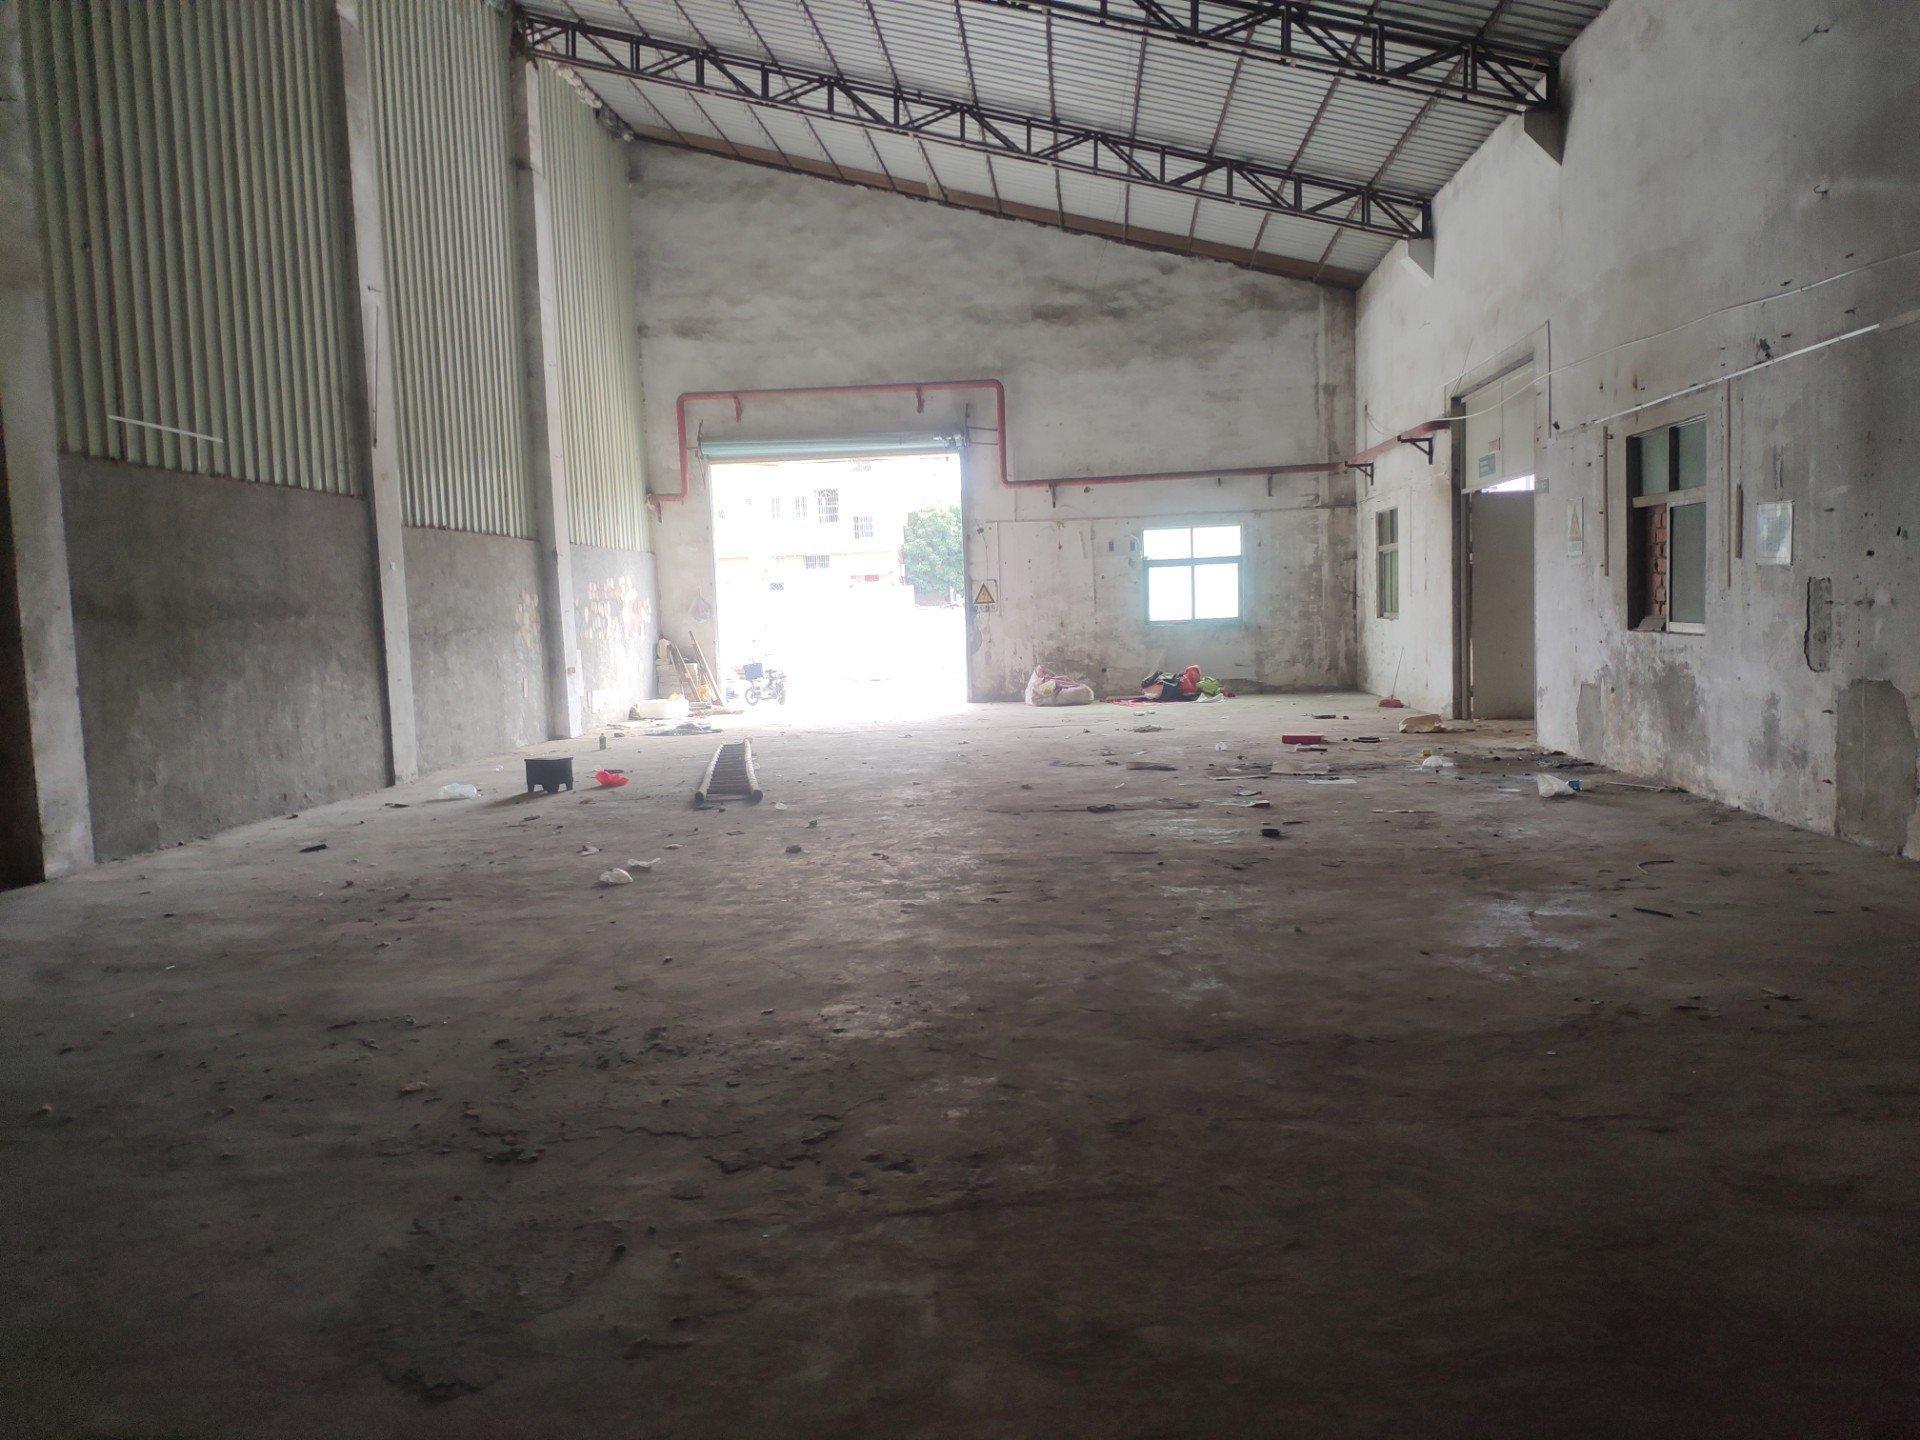 龙岗坪地新出一楼钢构厂房面积480㎡可做五金,仓库